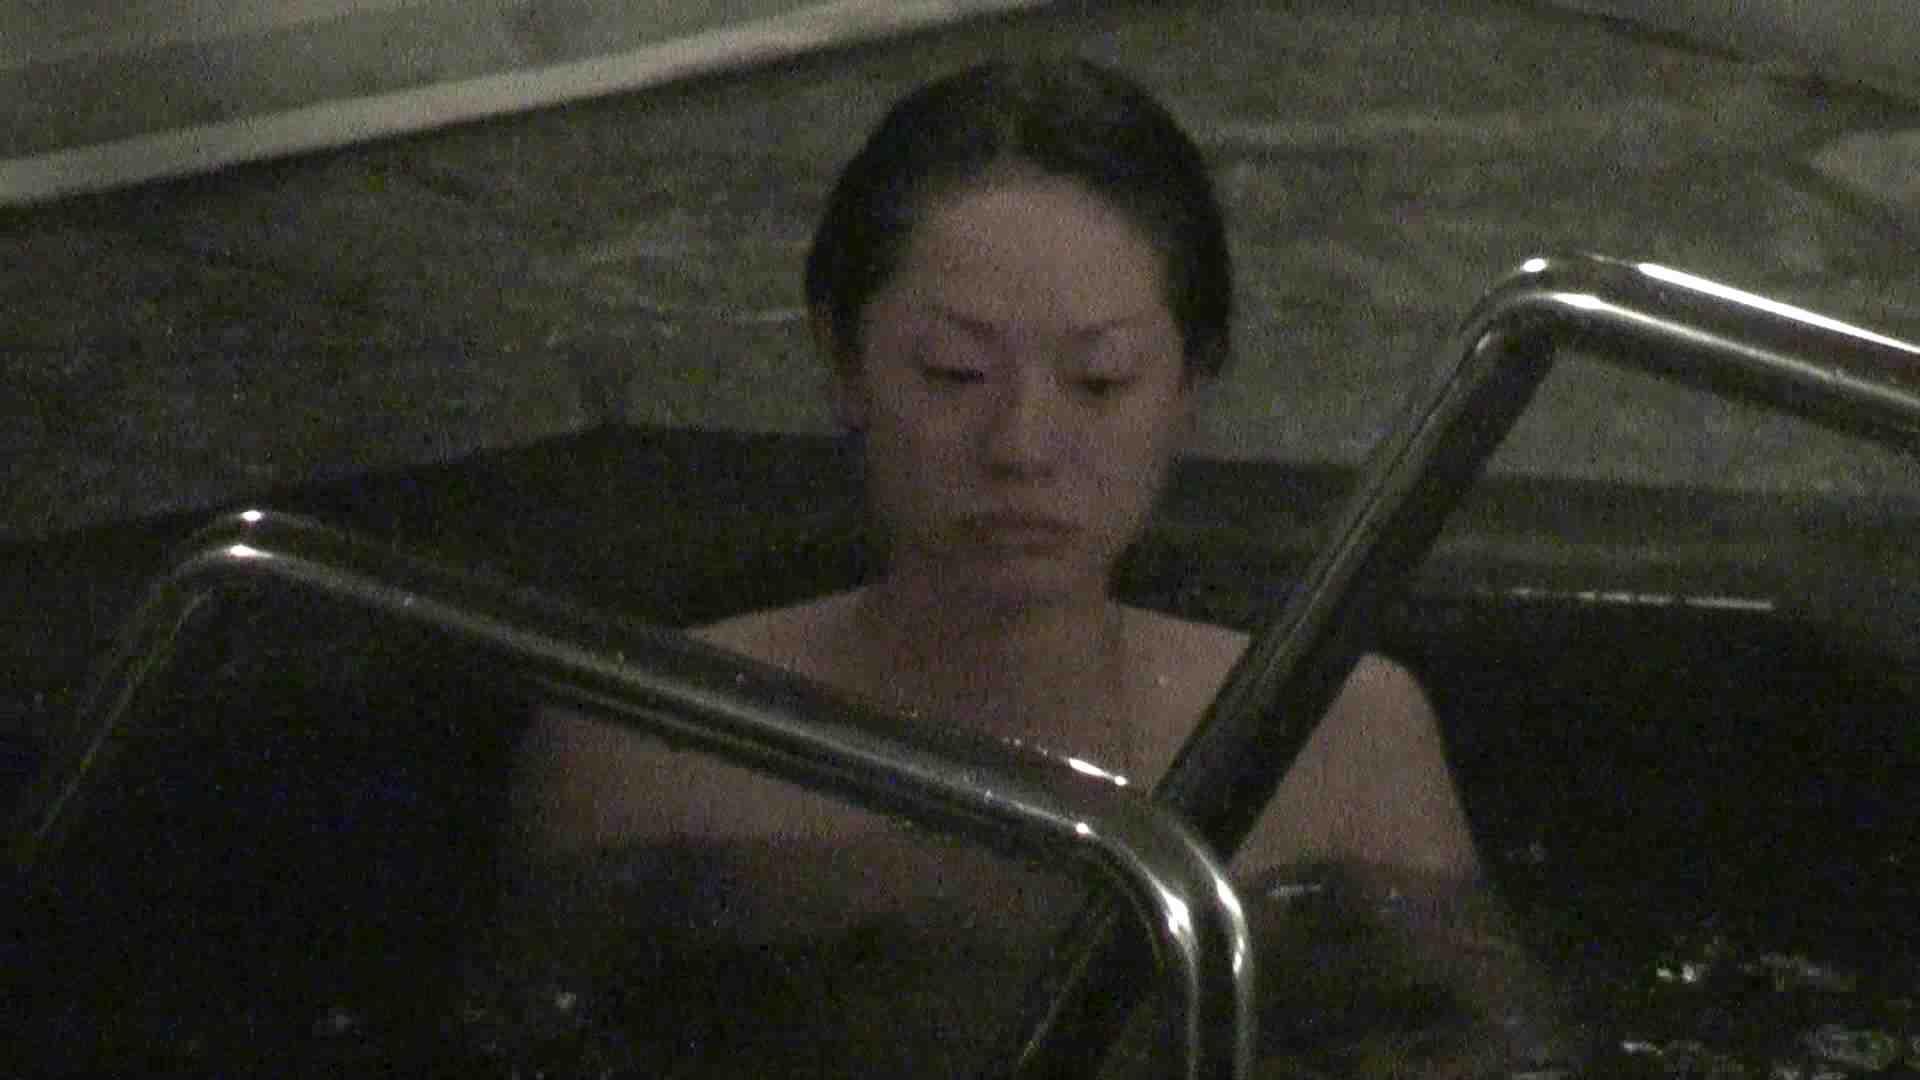 Aquaな露天風呂Vol.318 露天風呂突入 隠し撮りオマンコ動画紹介 105pic 104